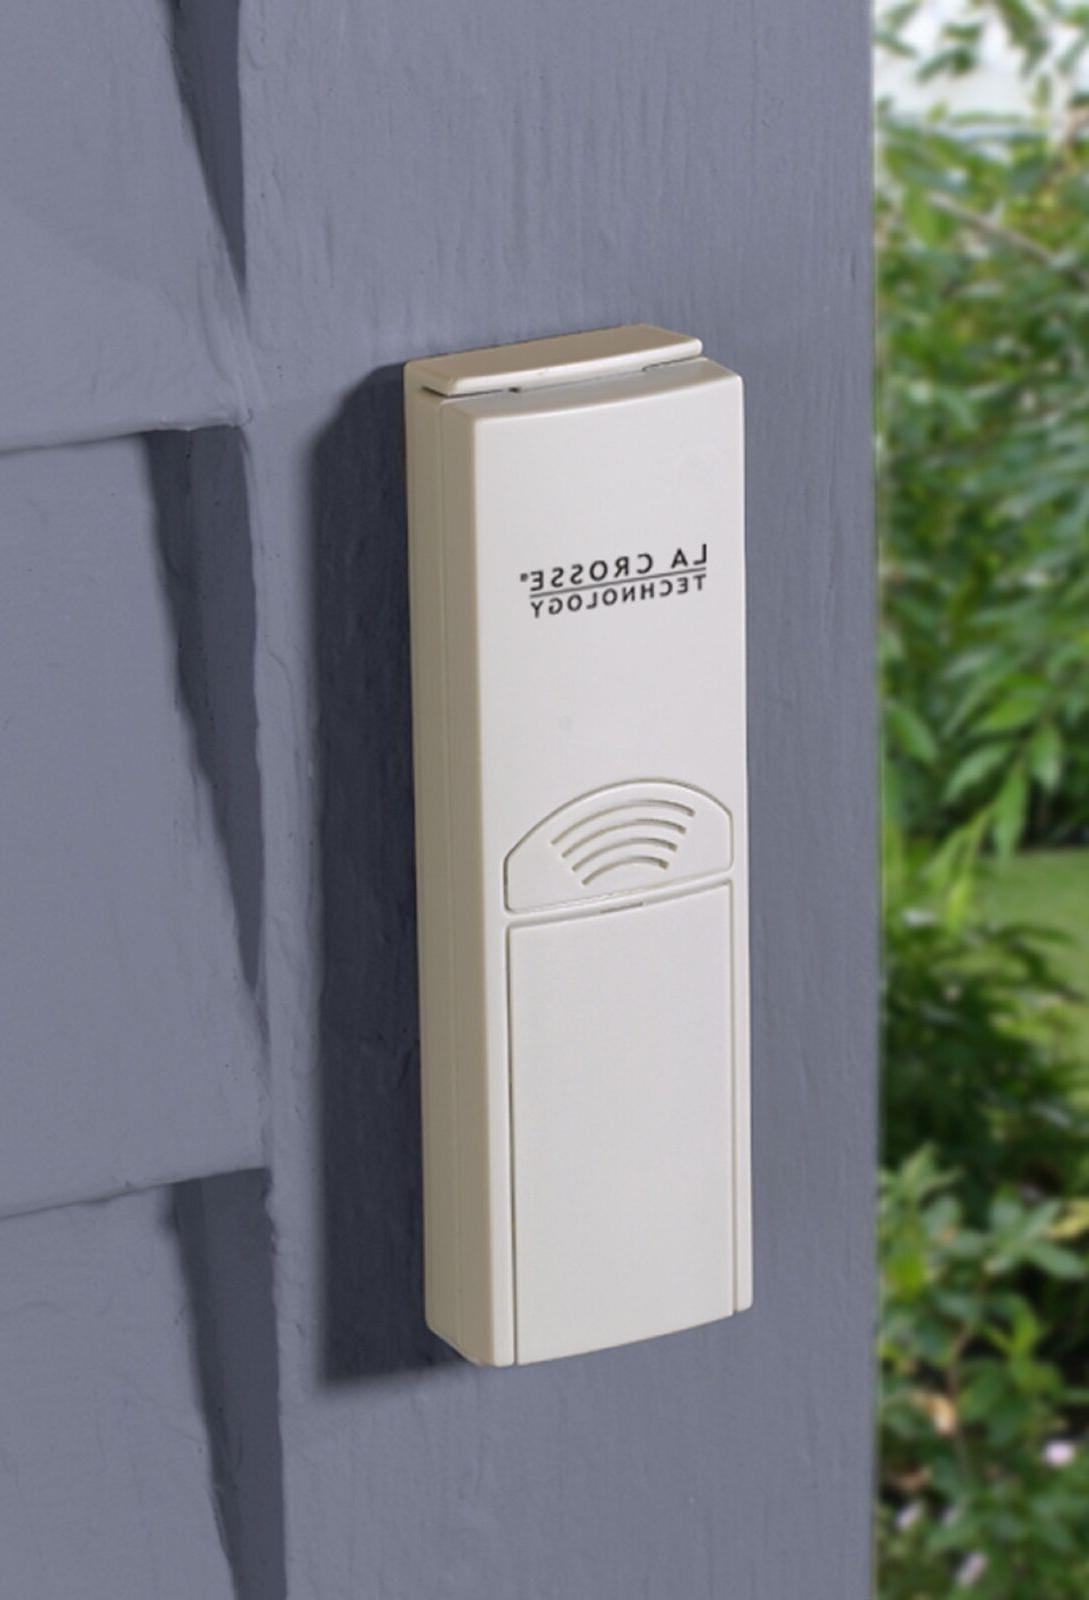 TX6U La 433 MHz Temperature Sensor